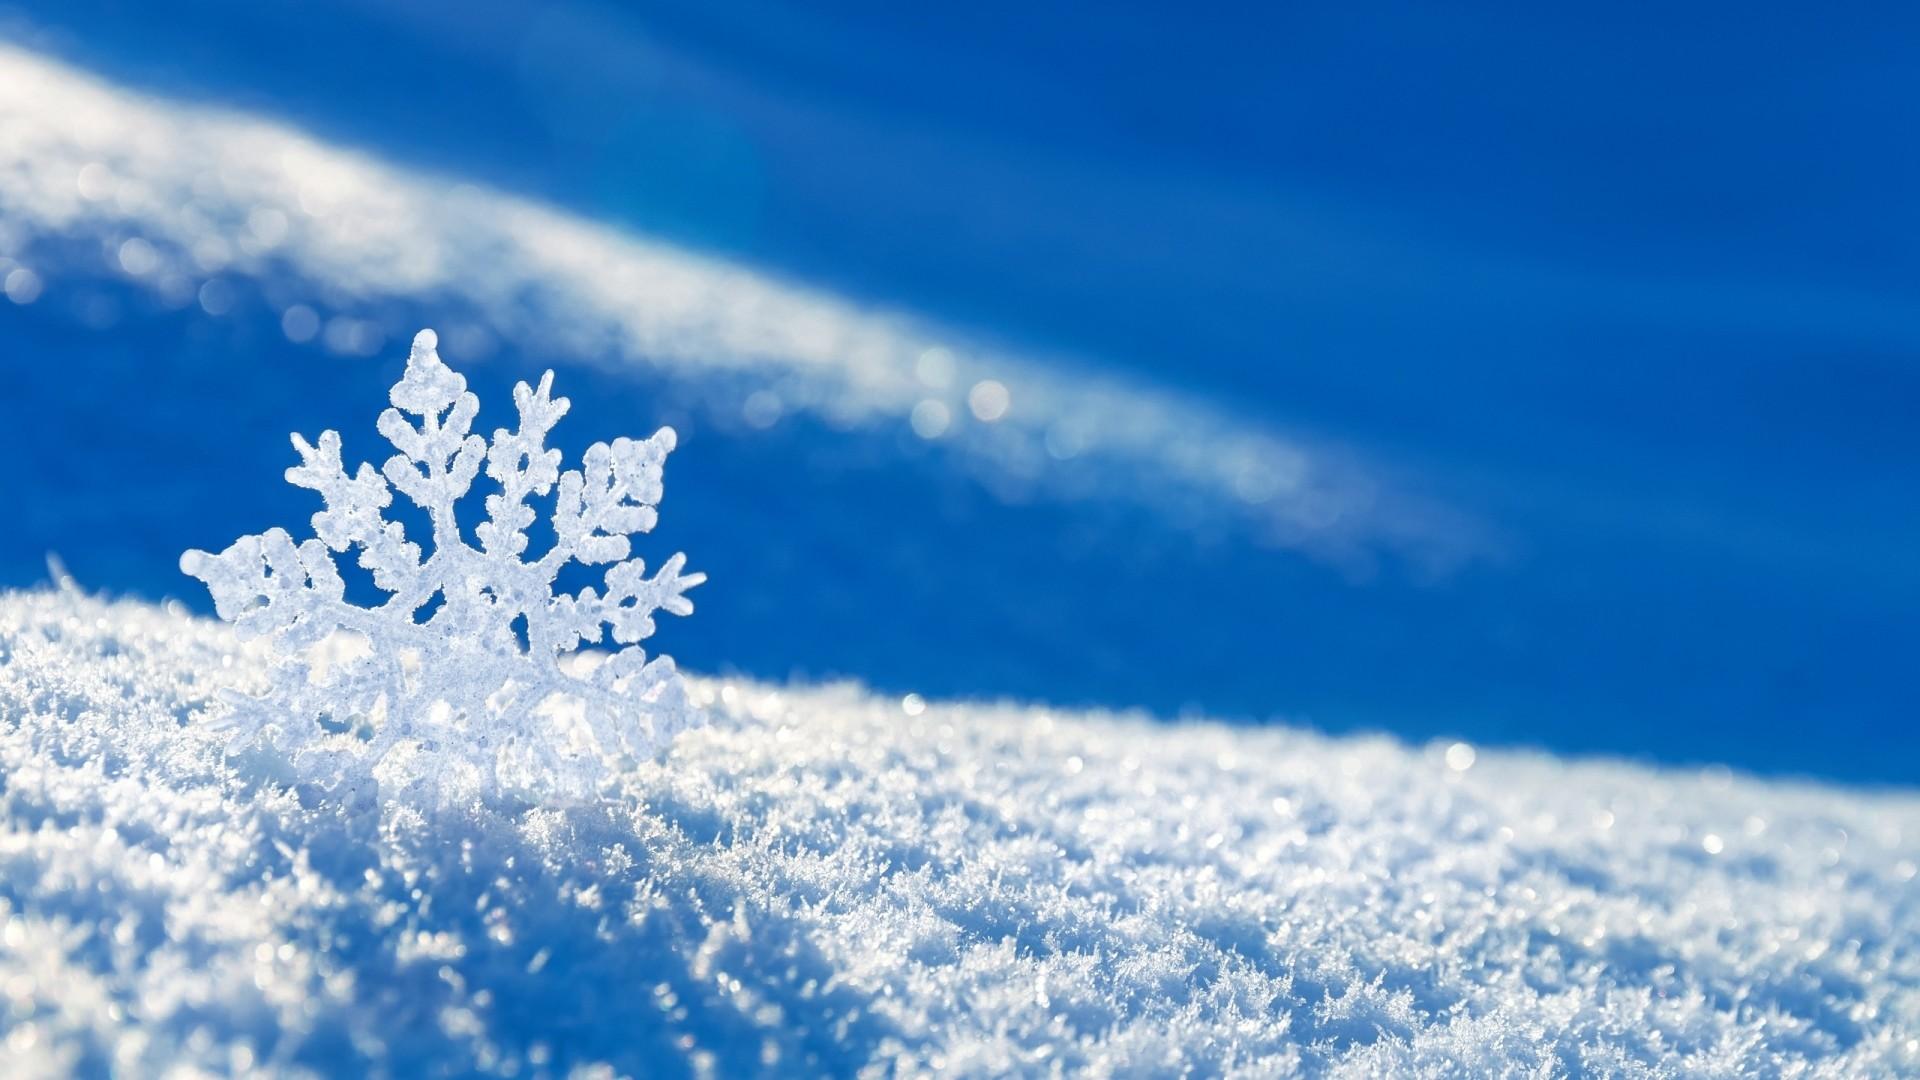 Preview wallpaper snow, snowflake, winter 1920×1080